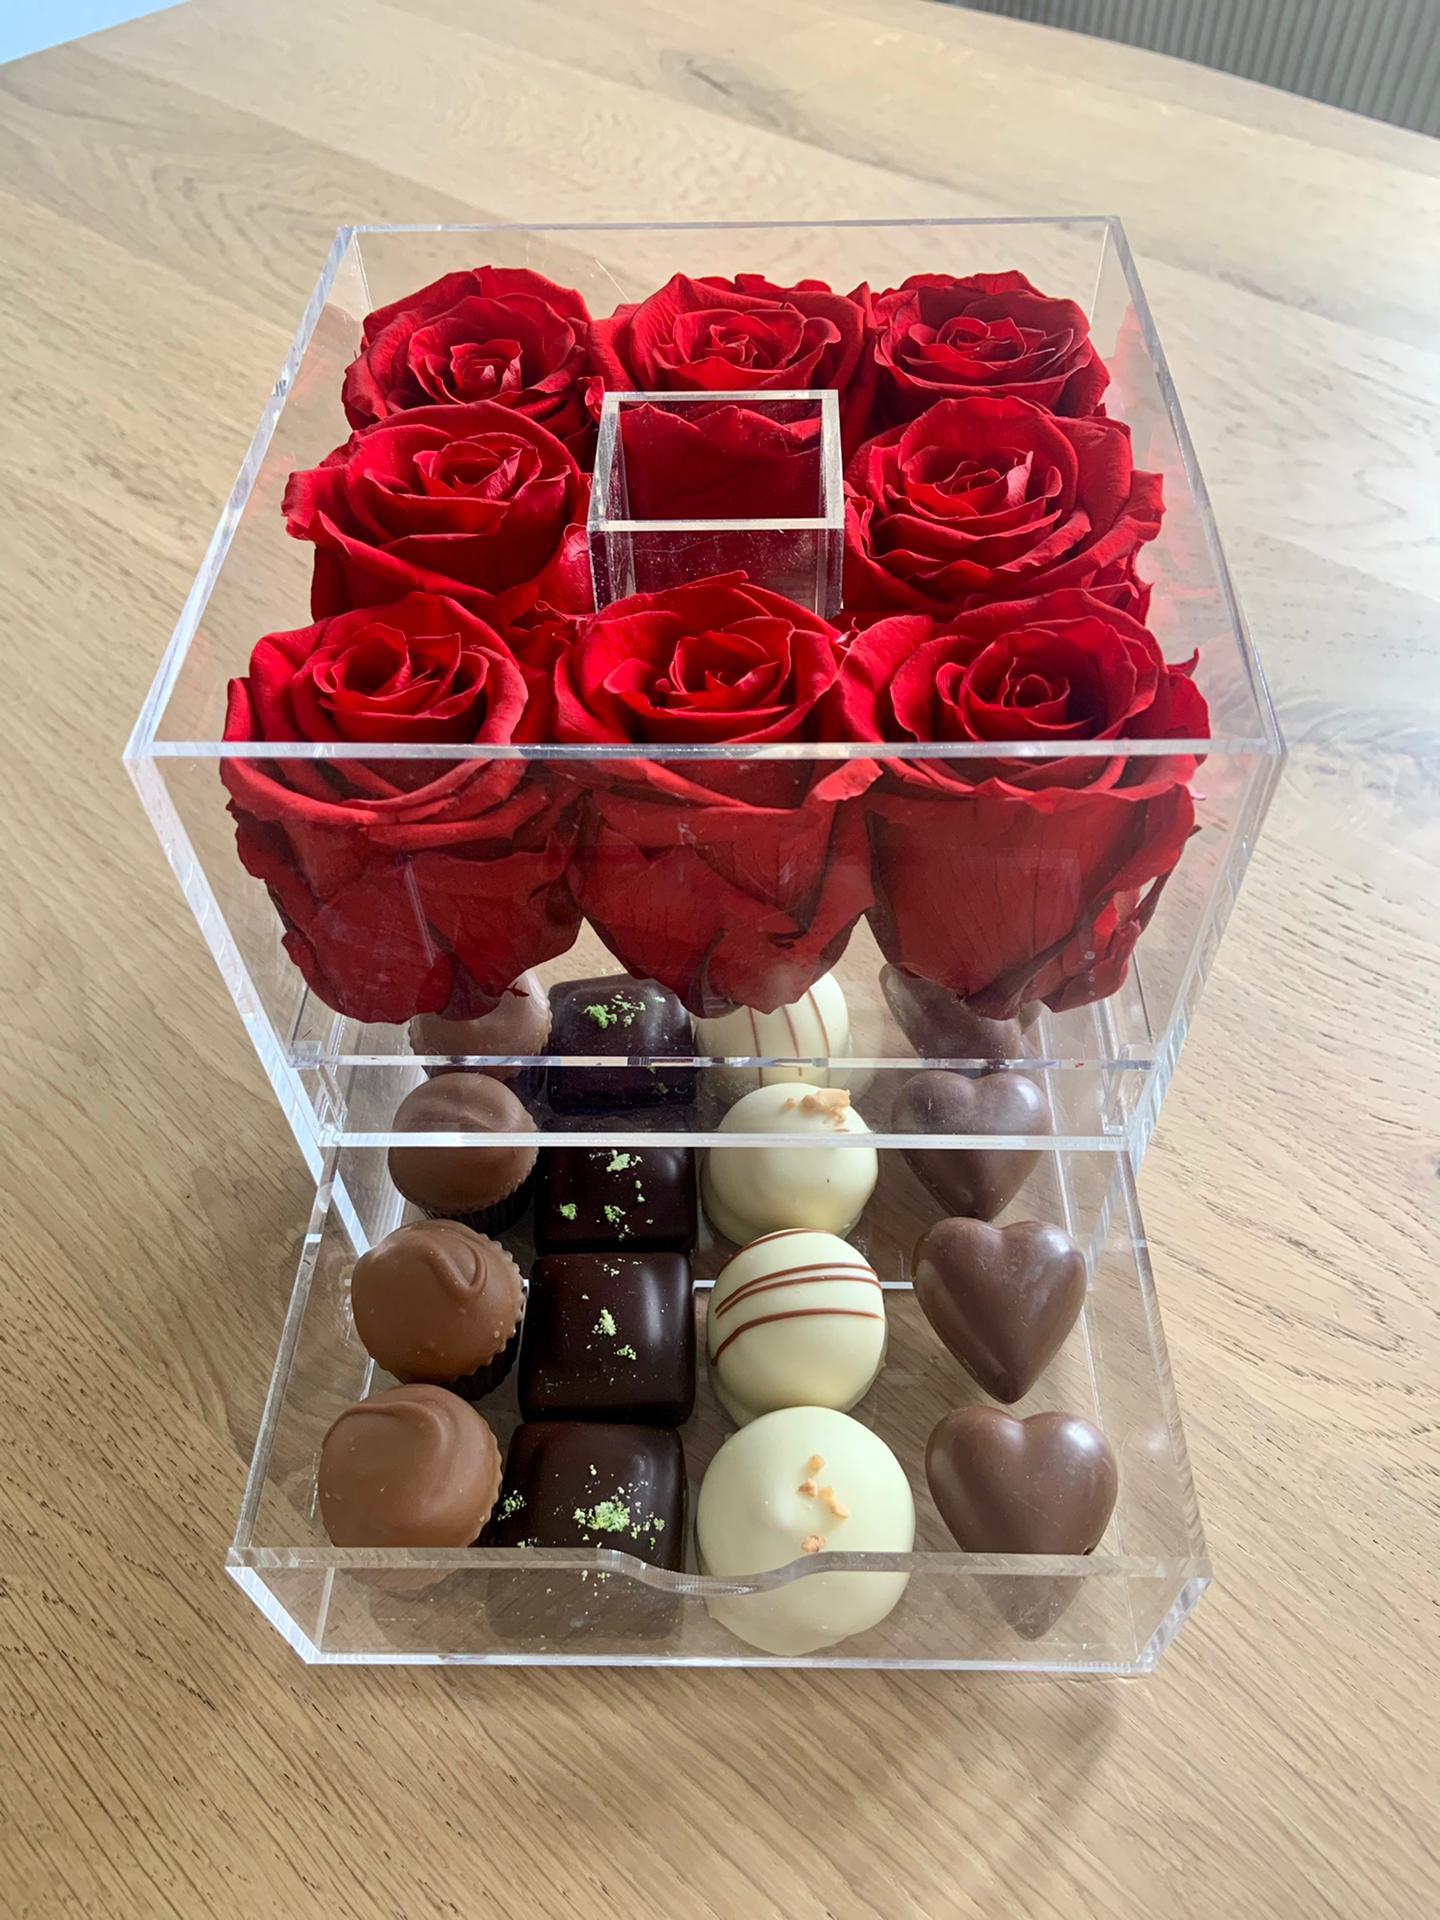 Formule 1 - roses éternelles et chocolats